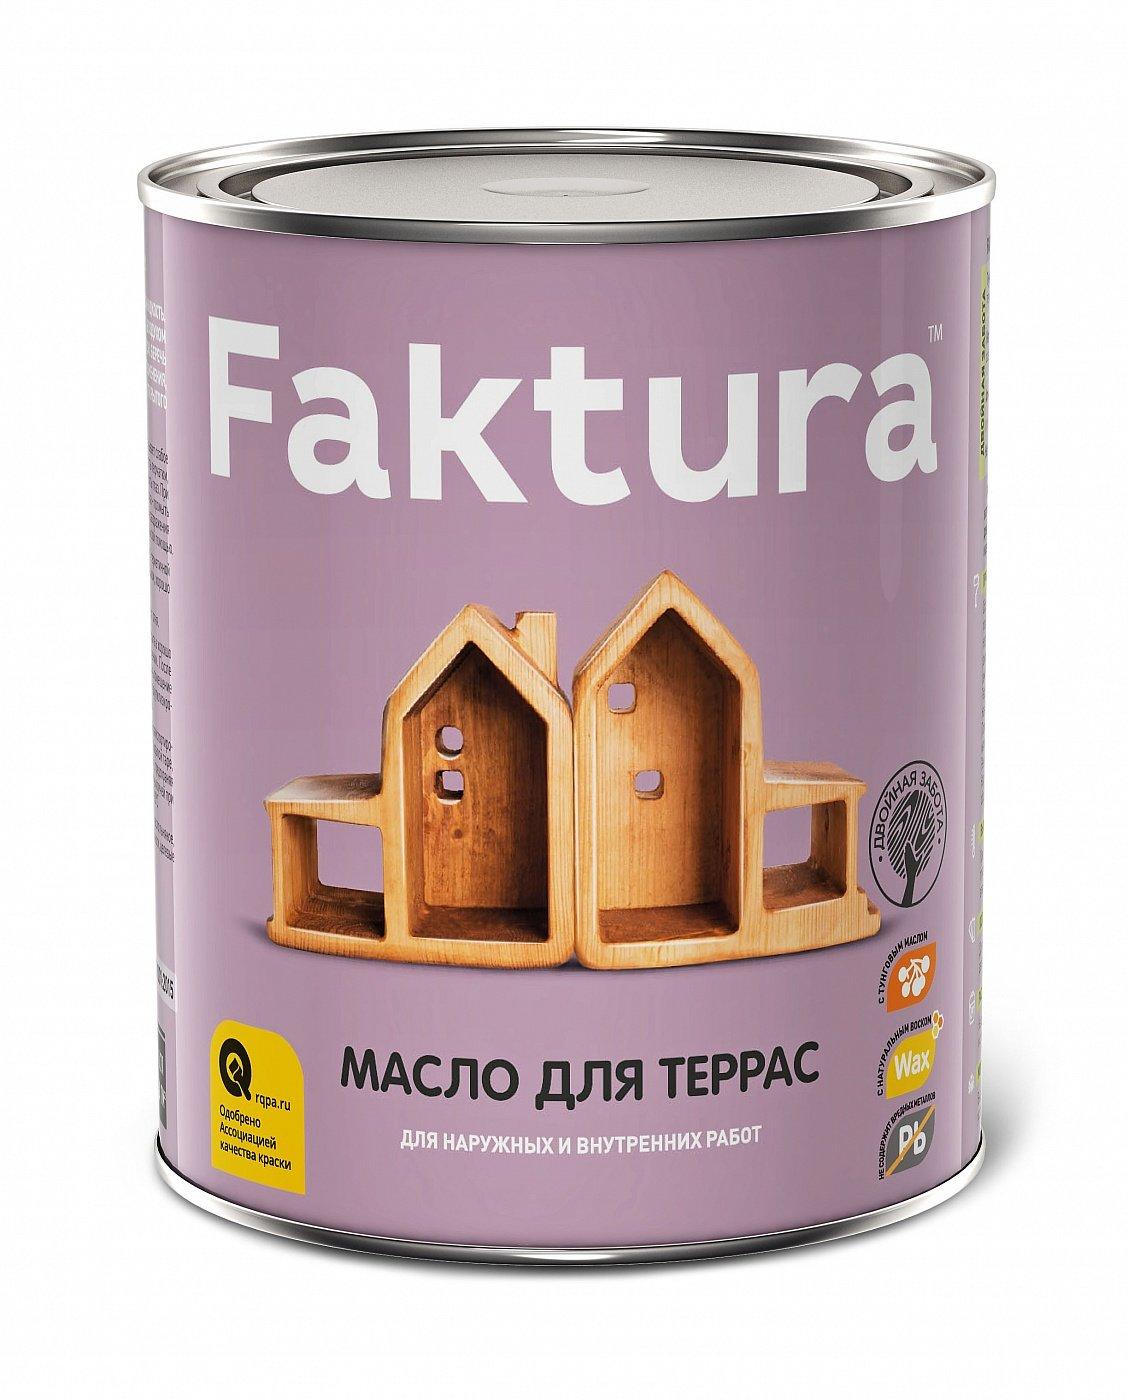 FAKTURA масло для террас с натуральным воском и тунговым маслом (2,7л)